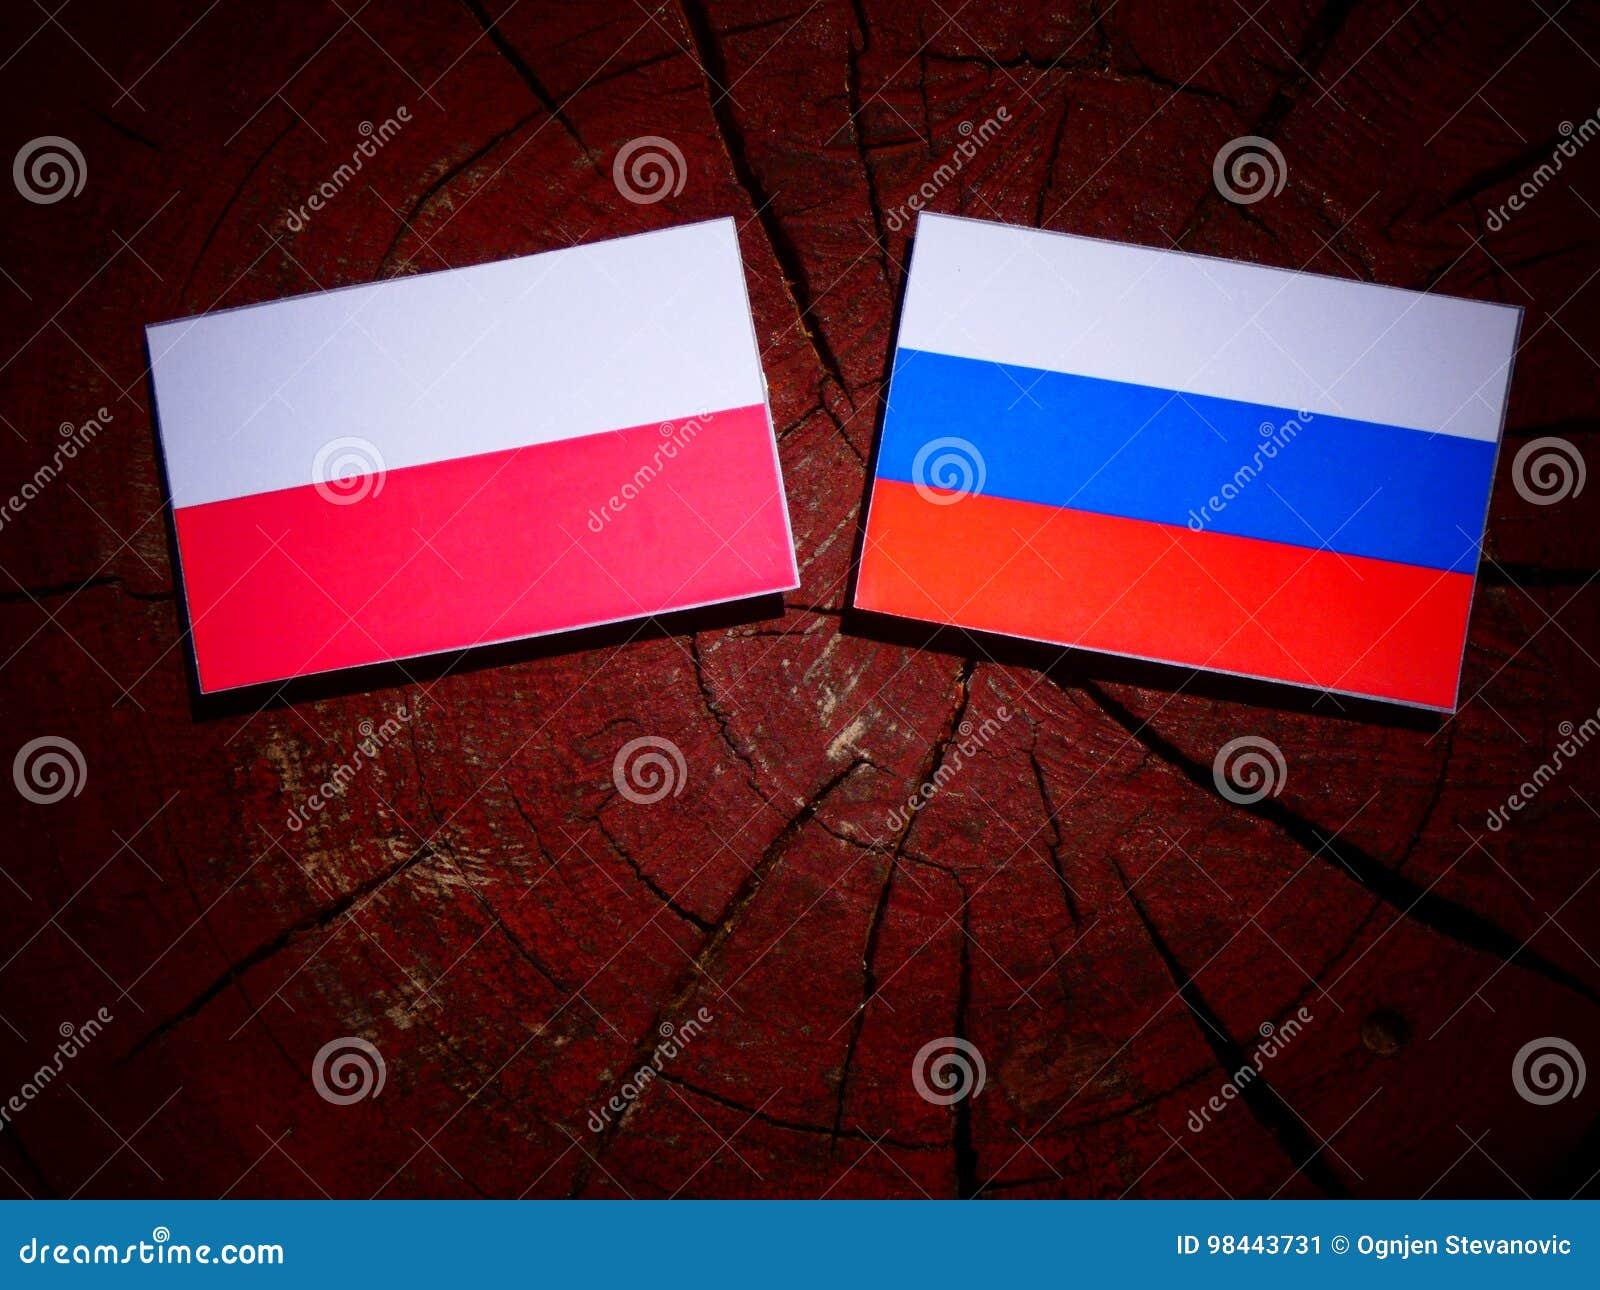 Poolse vlag met Russische vlag op een boomstomp